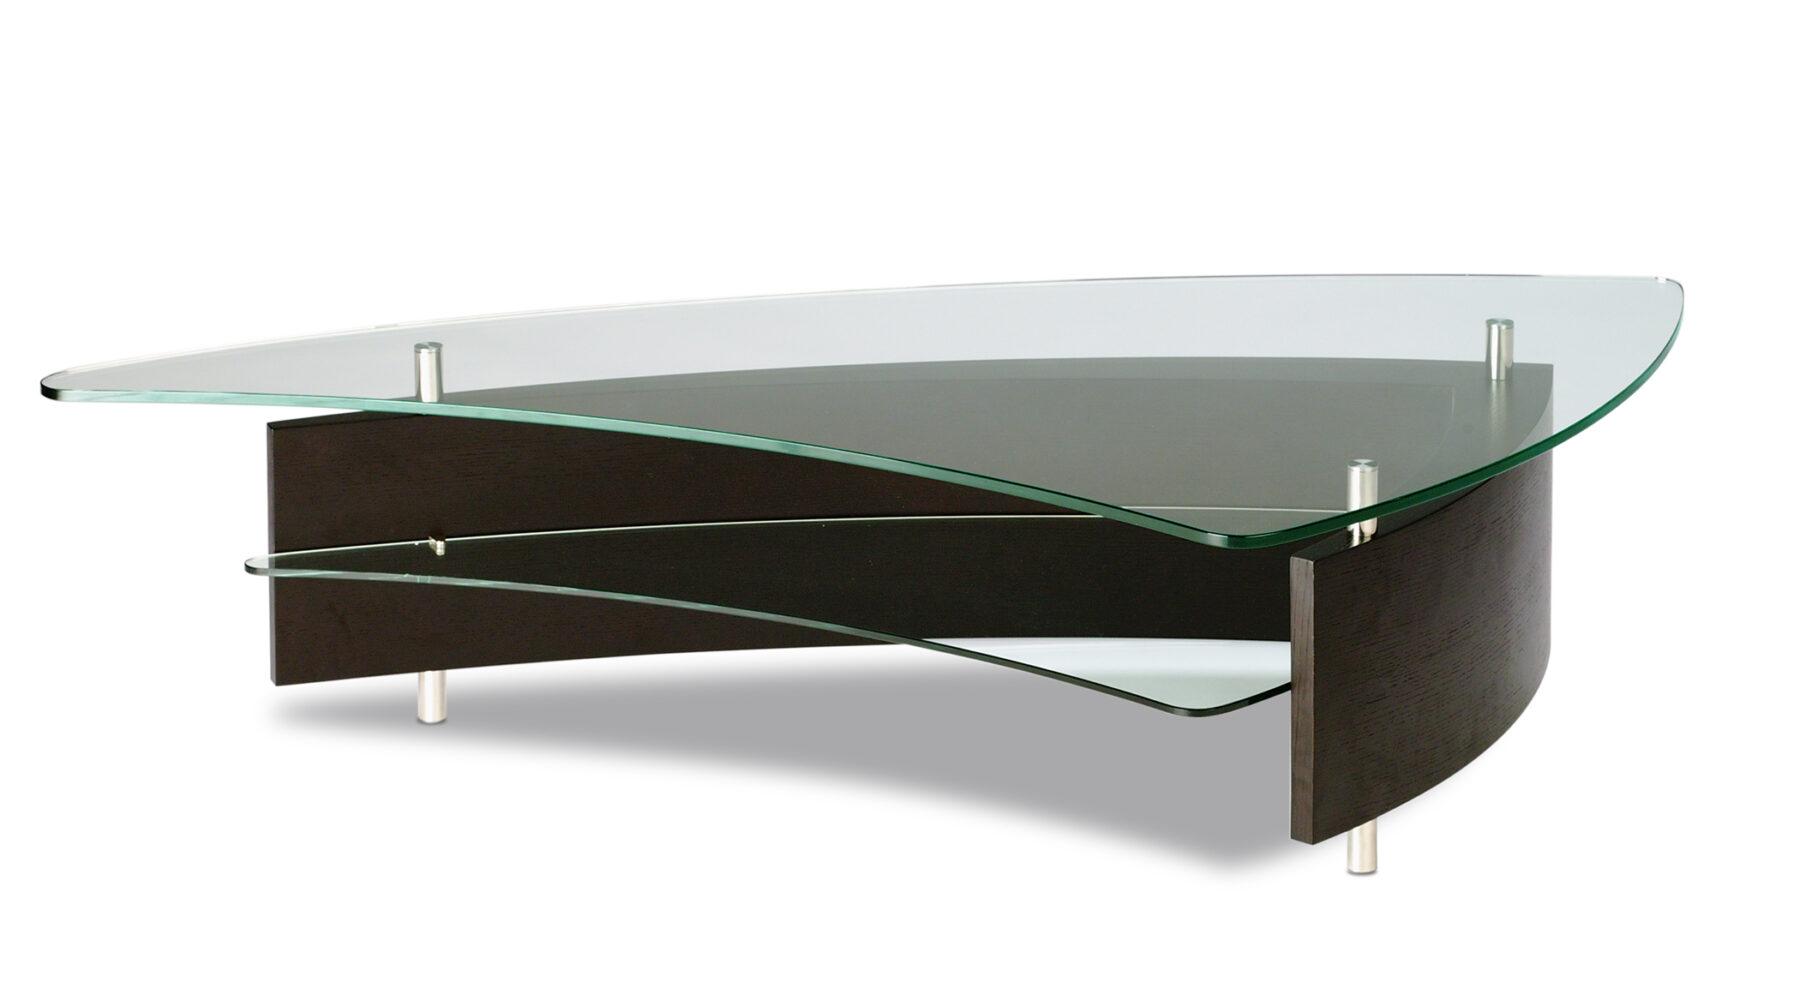 fin-1106-espresso-bdi-contemporary-coffee-tables-1